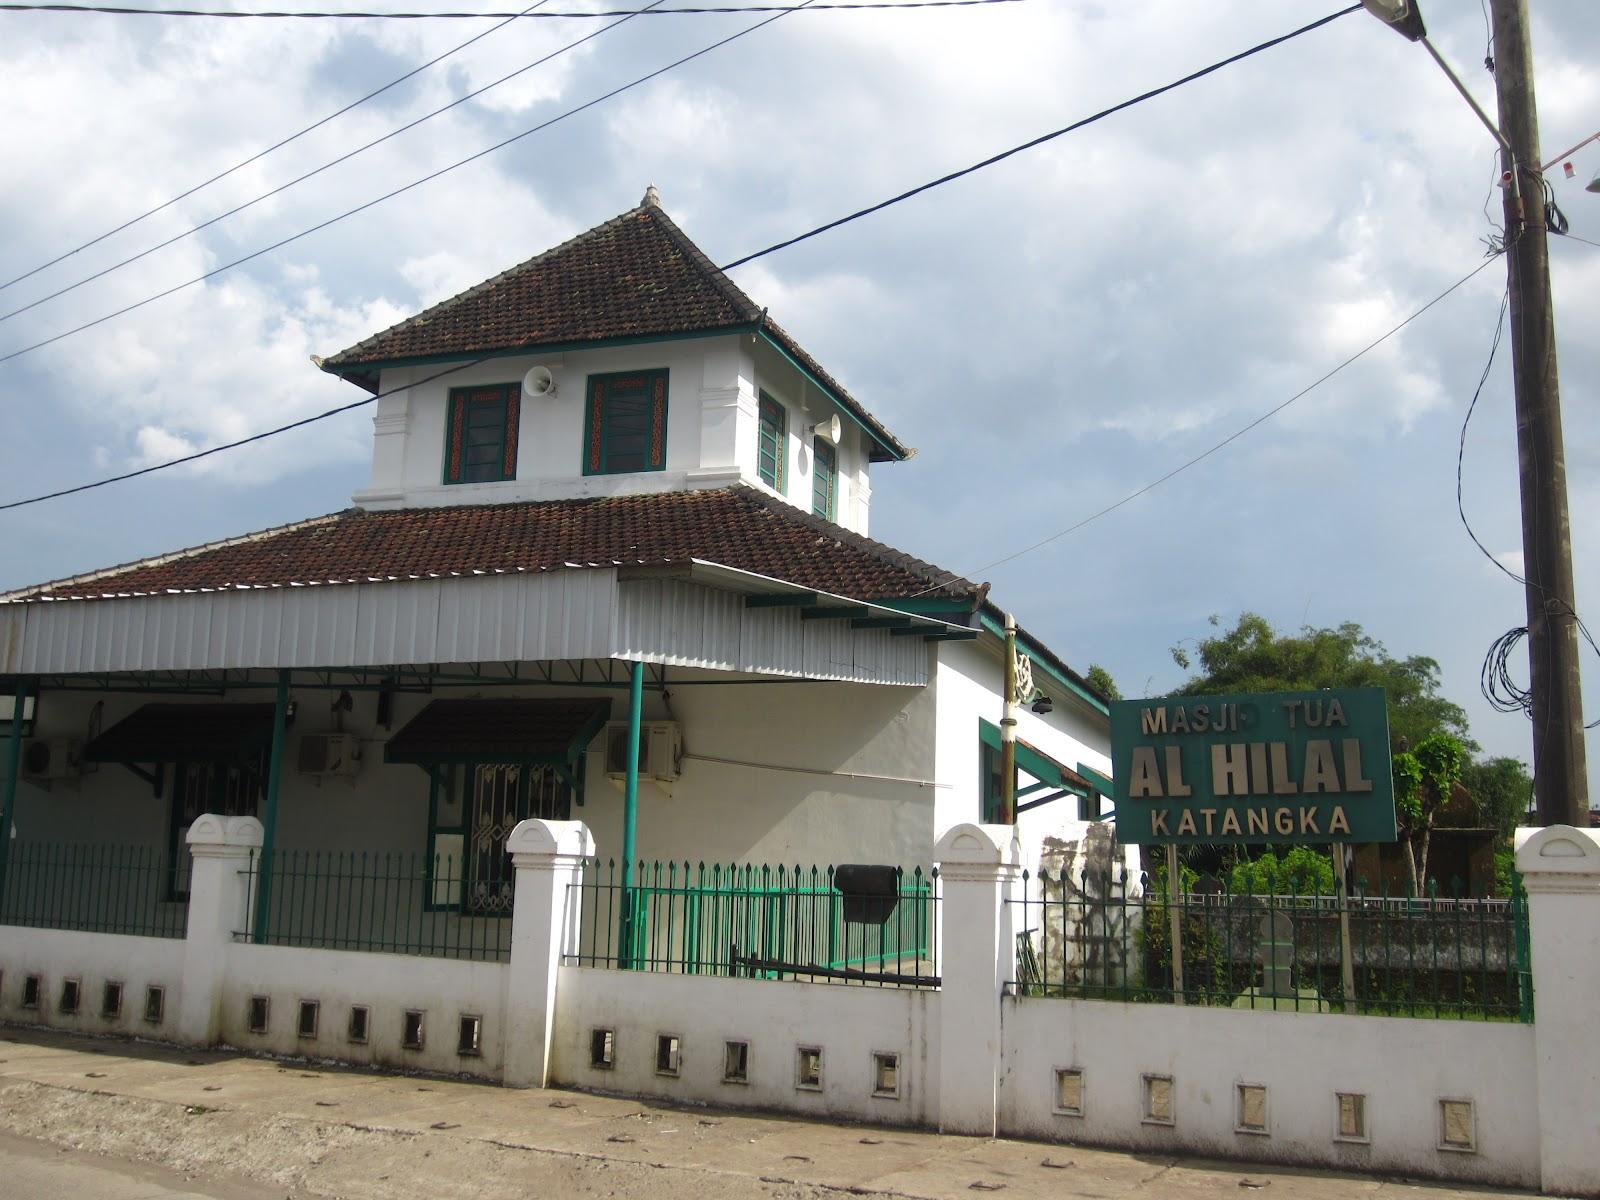 Ayo Ber Wisata Kota Dan Sejarah Di Makassar Adlien Travel Journal